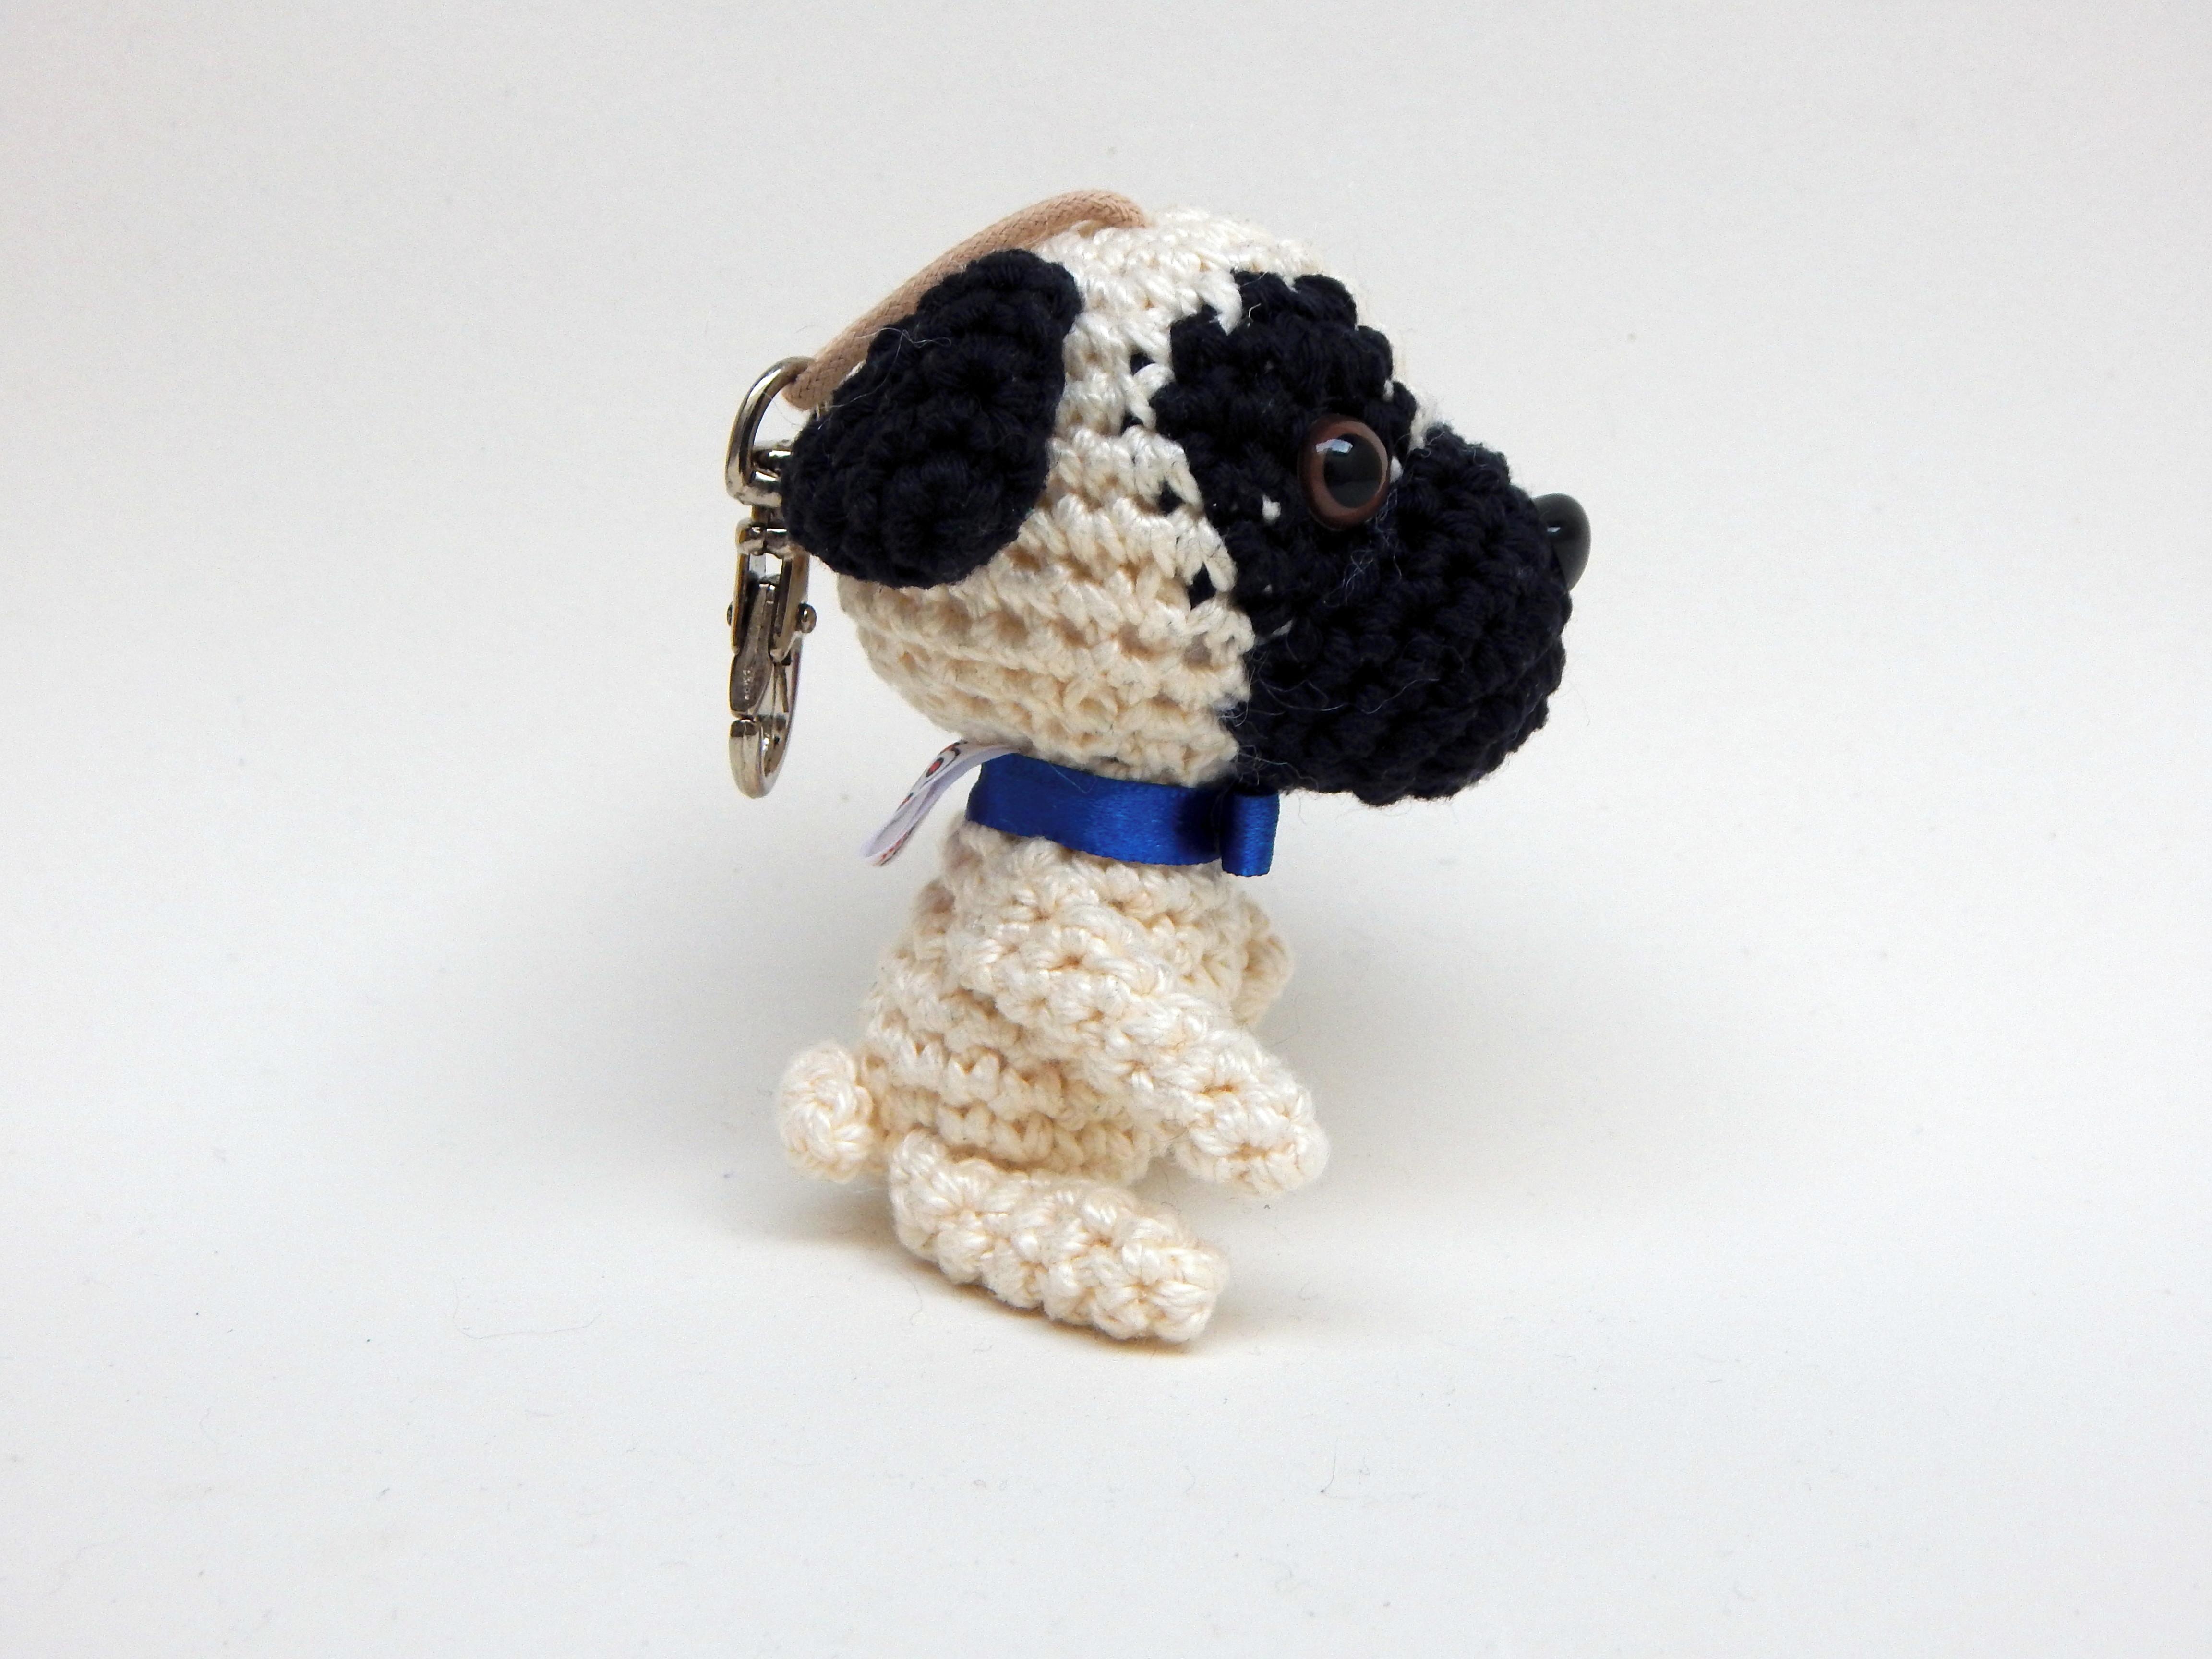 Chaveiro De Pug Em Crochê - Amigurumi - R$ 40,00 em Mercado Livre | 3456x4608